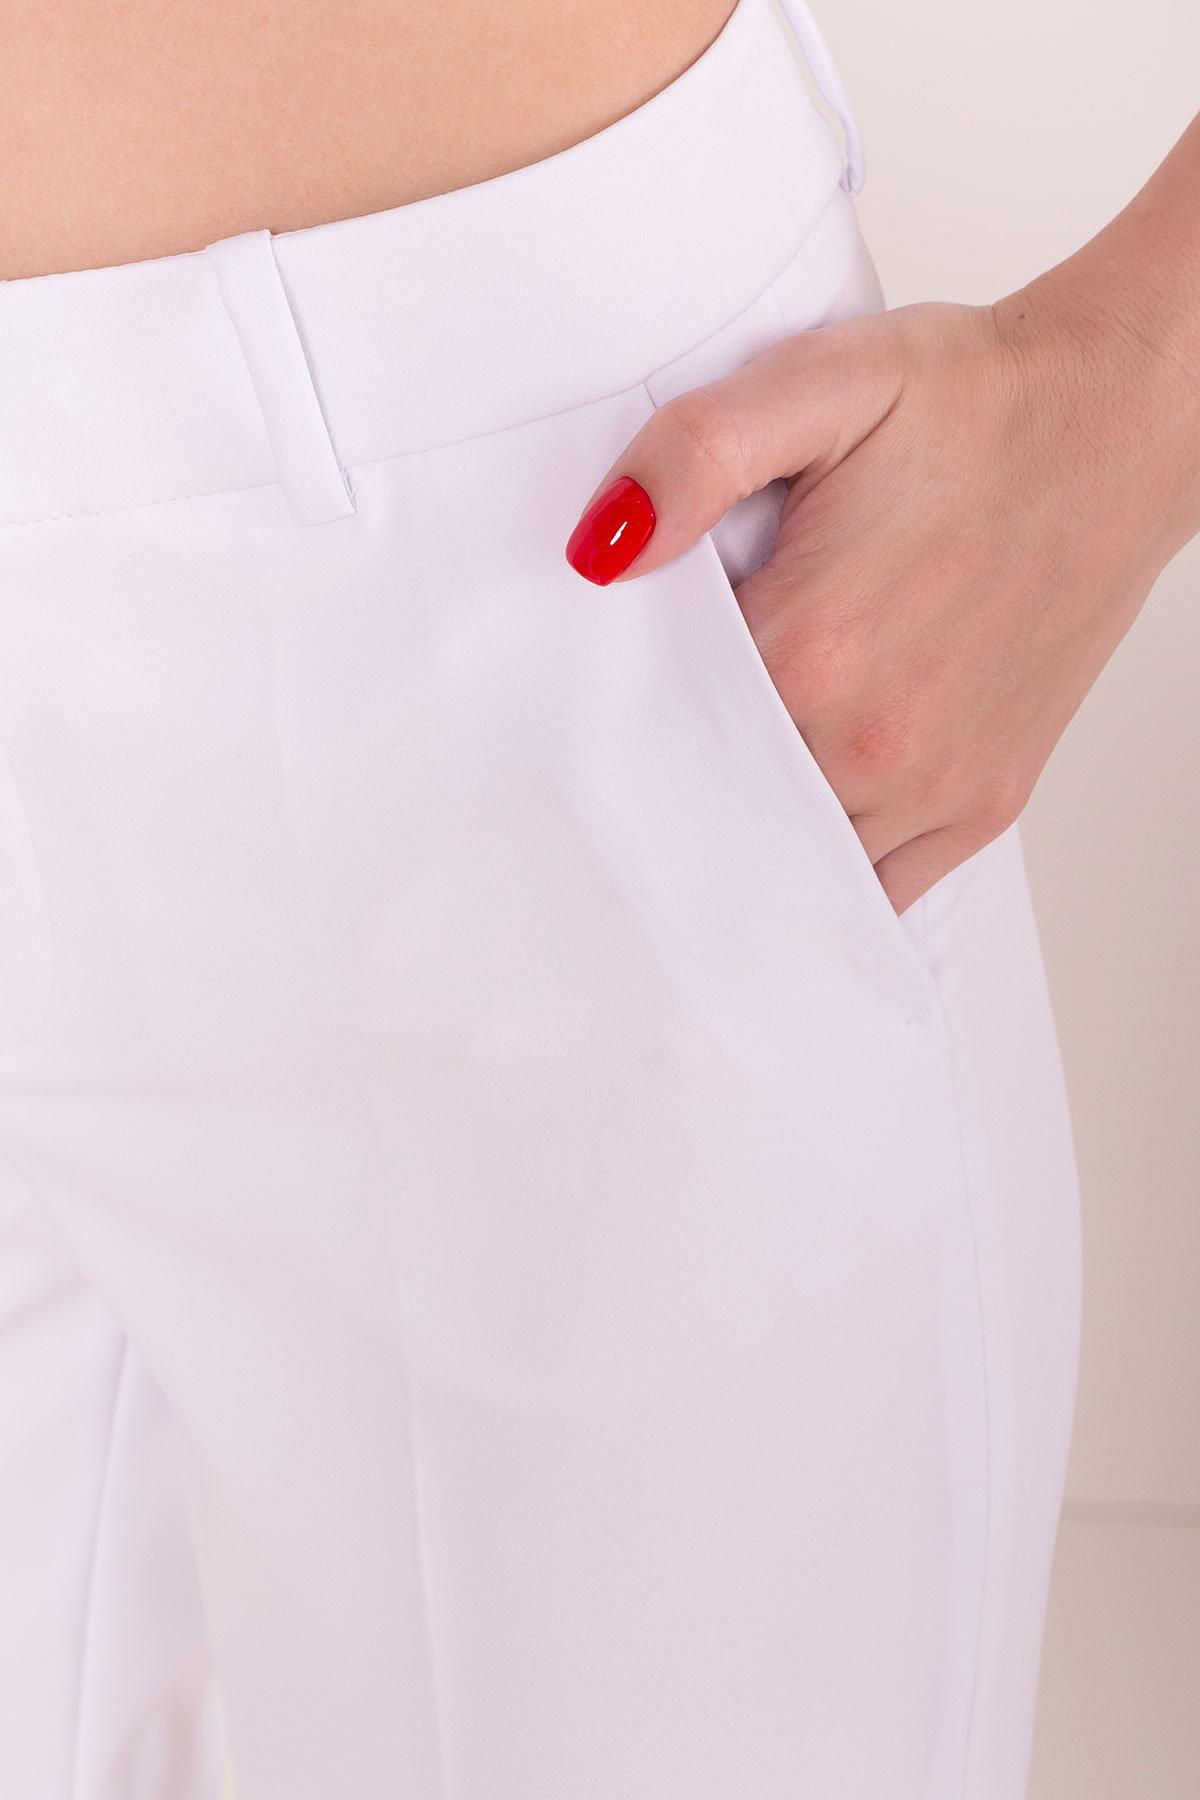 Базовые брюки со стрелками Эдвин 2467 АРТ. 14913 Цвет: Белый - фото 4, интернет магазин tm-modus.ru